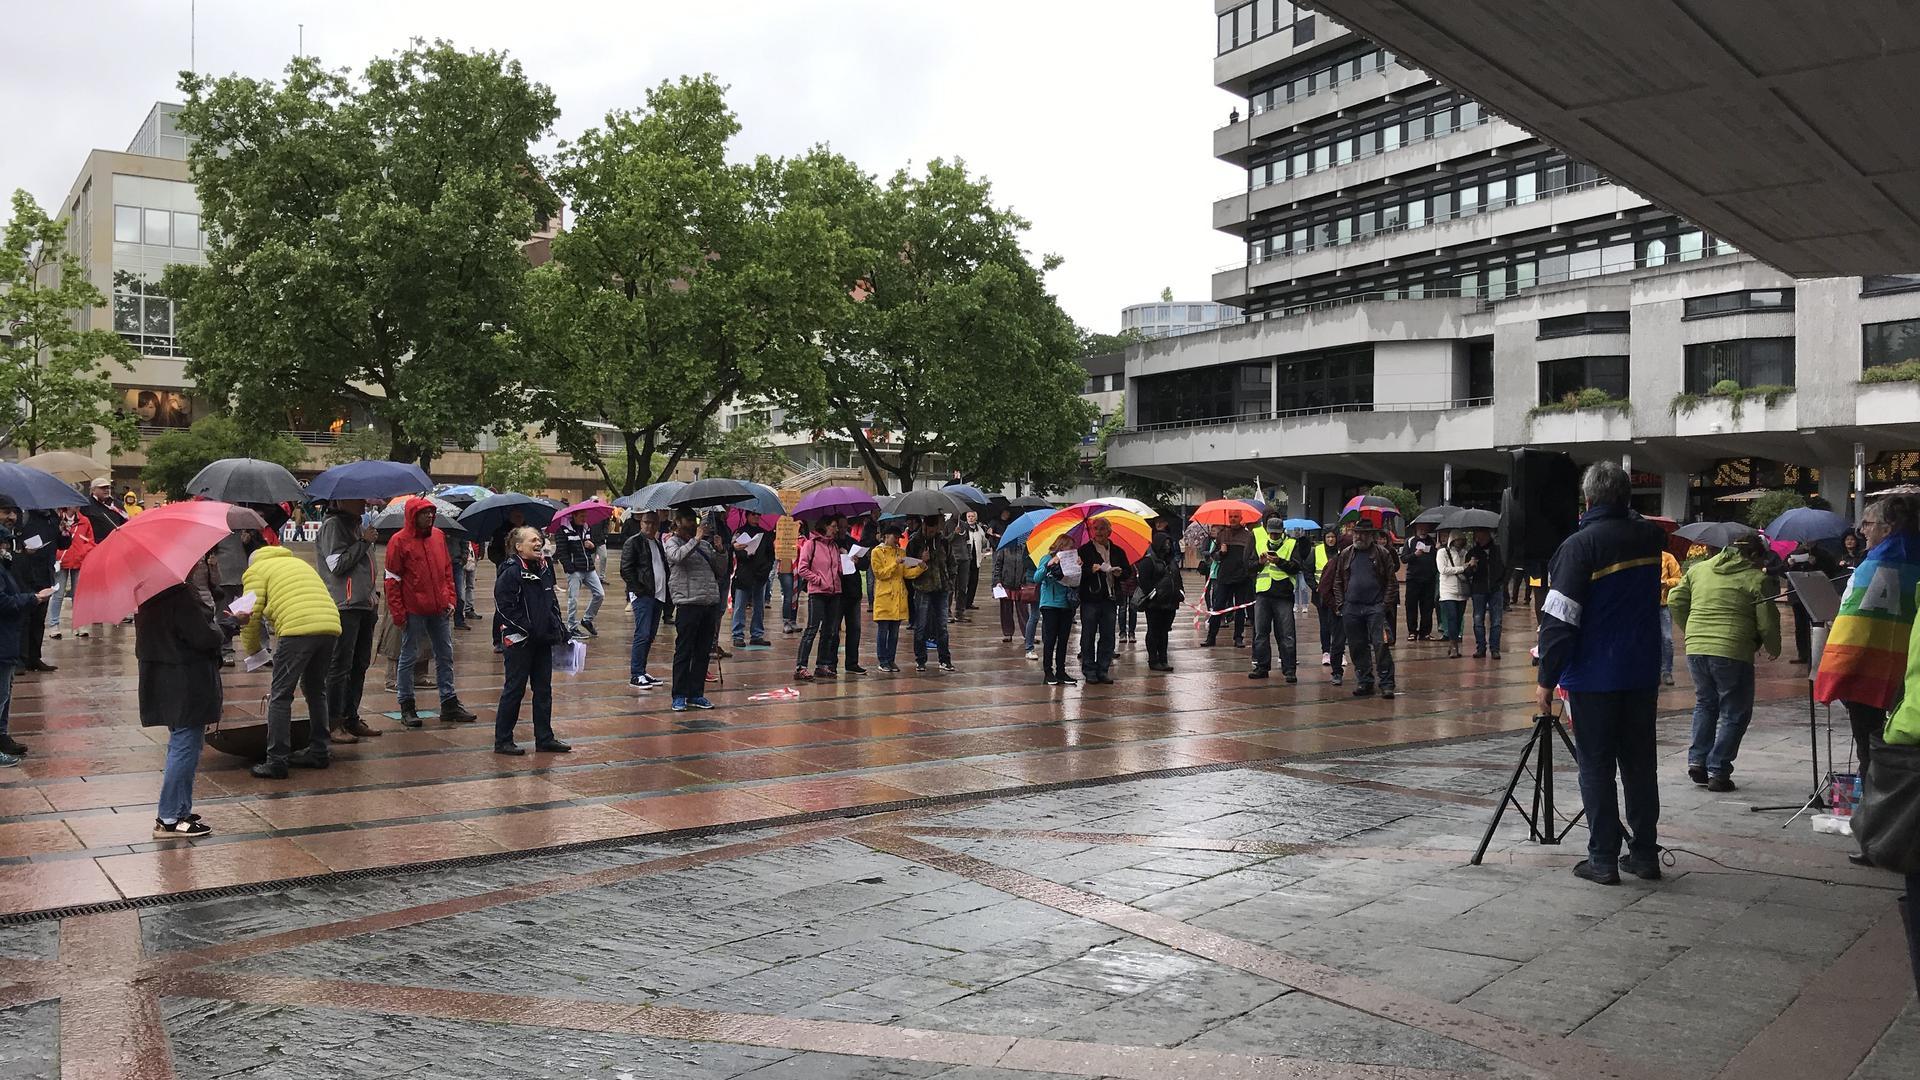 Demonstration im Regen: Gegen die Einschränkung ihrer Grundrechte aufgrund der von der Regierung verhängten Maßnahmen gegen die Corona-Pandemie protestierten am Samstagnachmittag rund 200 Teilnehmer der friedlichen Veranstaltung auf dem Marktplatz.